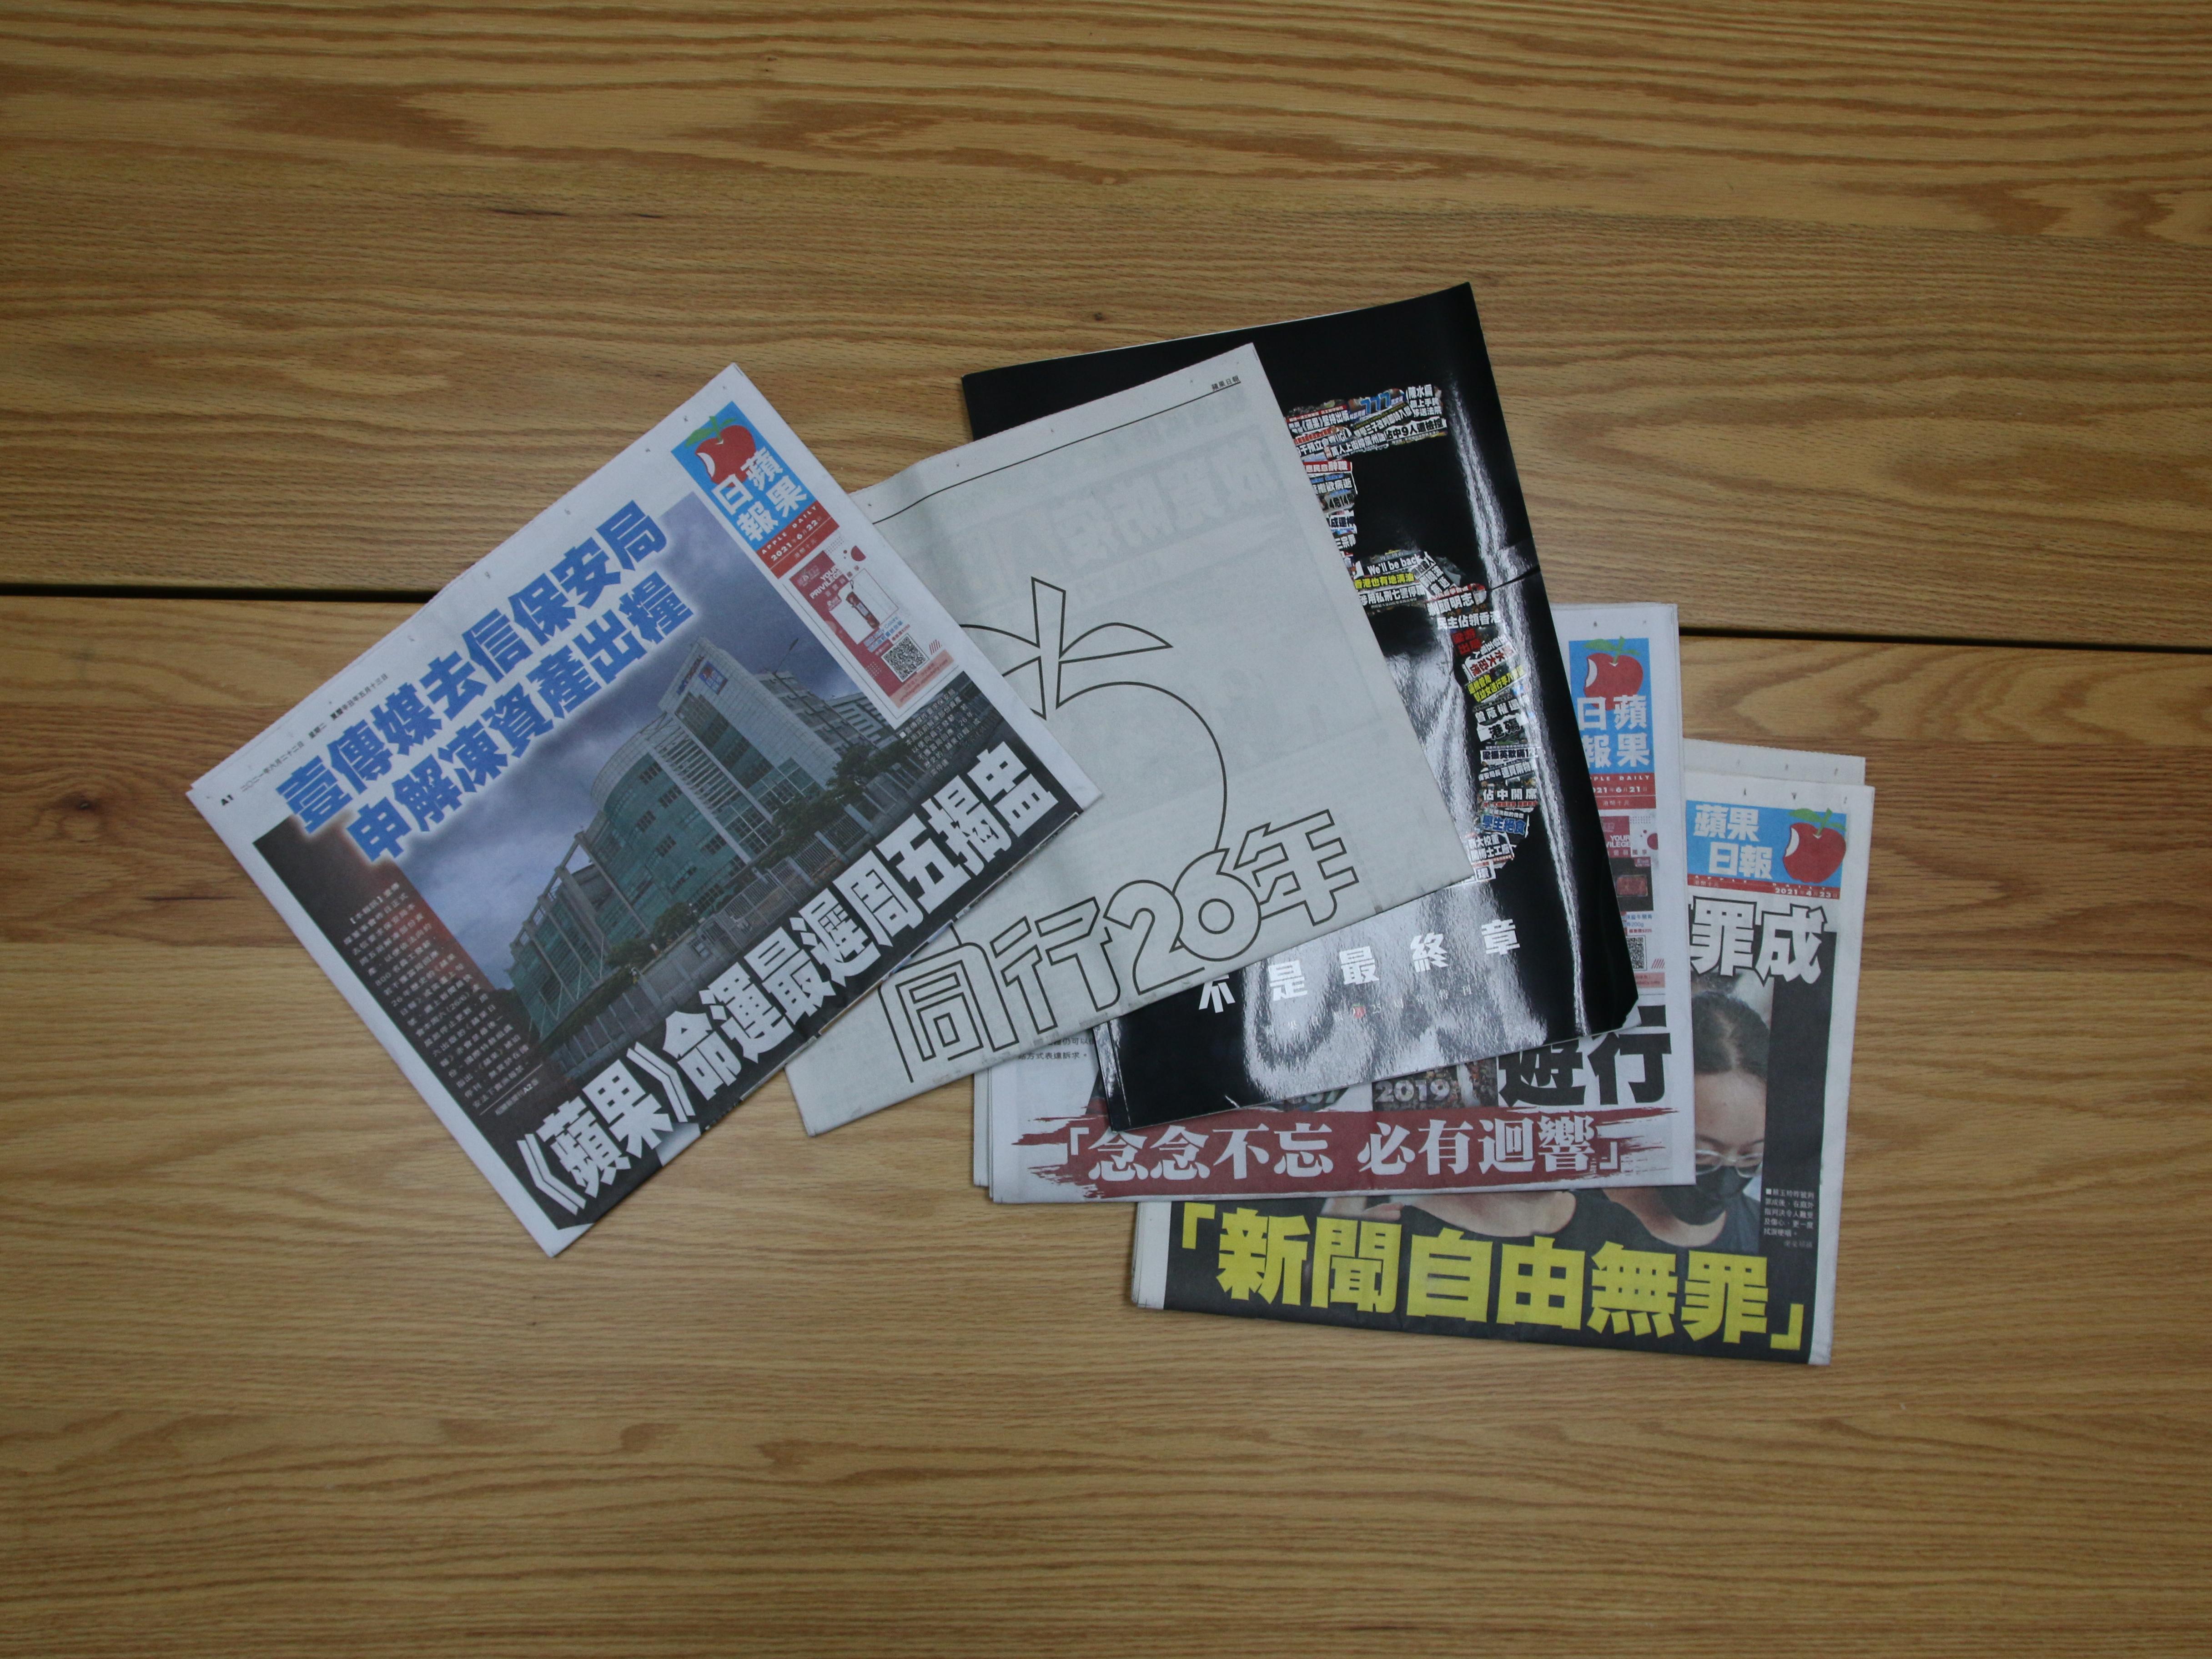 时任警务处处长邓炳强曾不点名批评《苹果日报》制造假新闻。(资料图片)